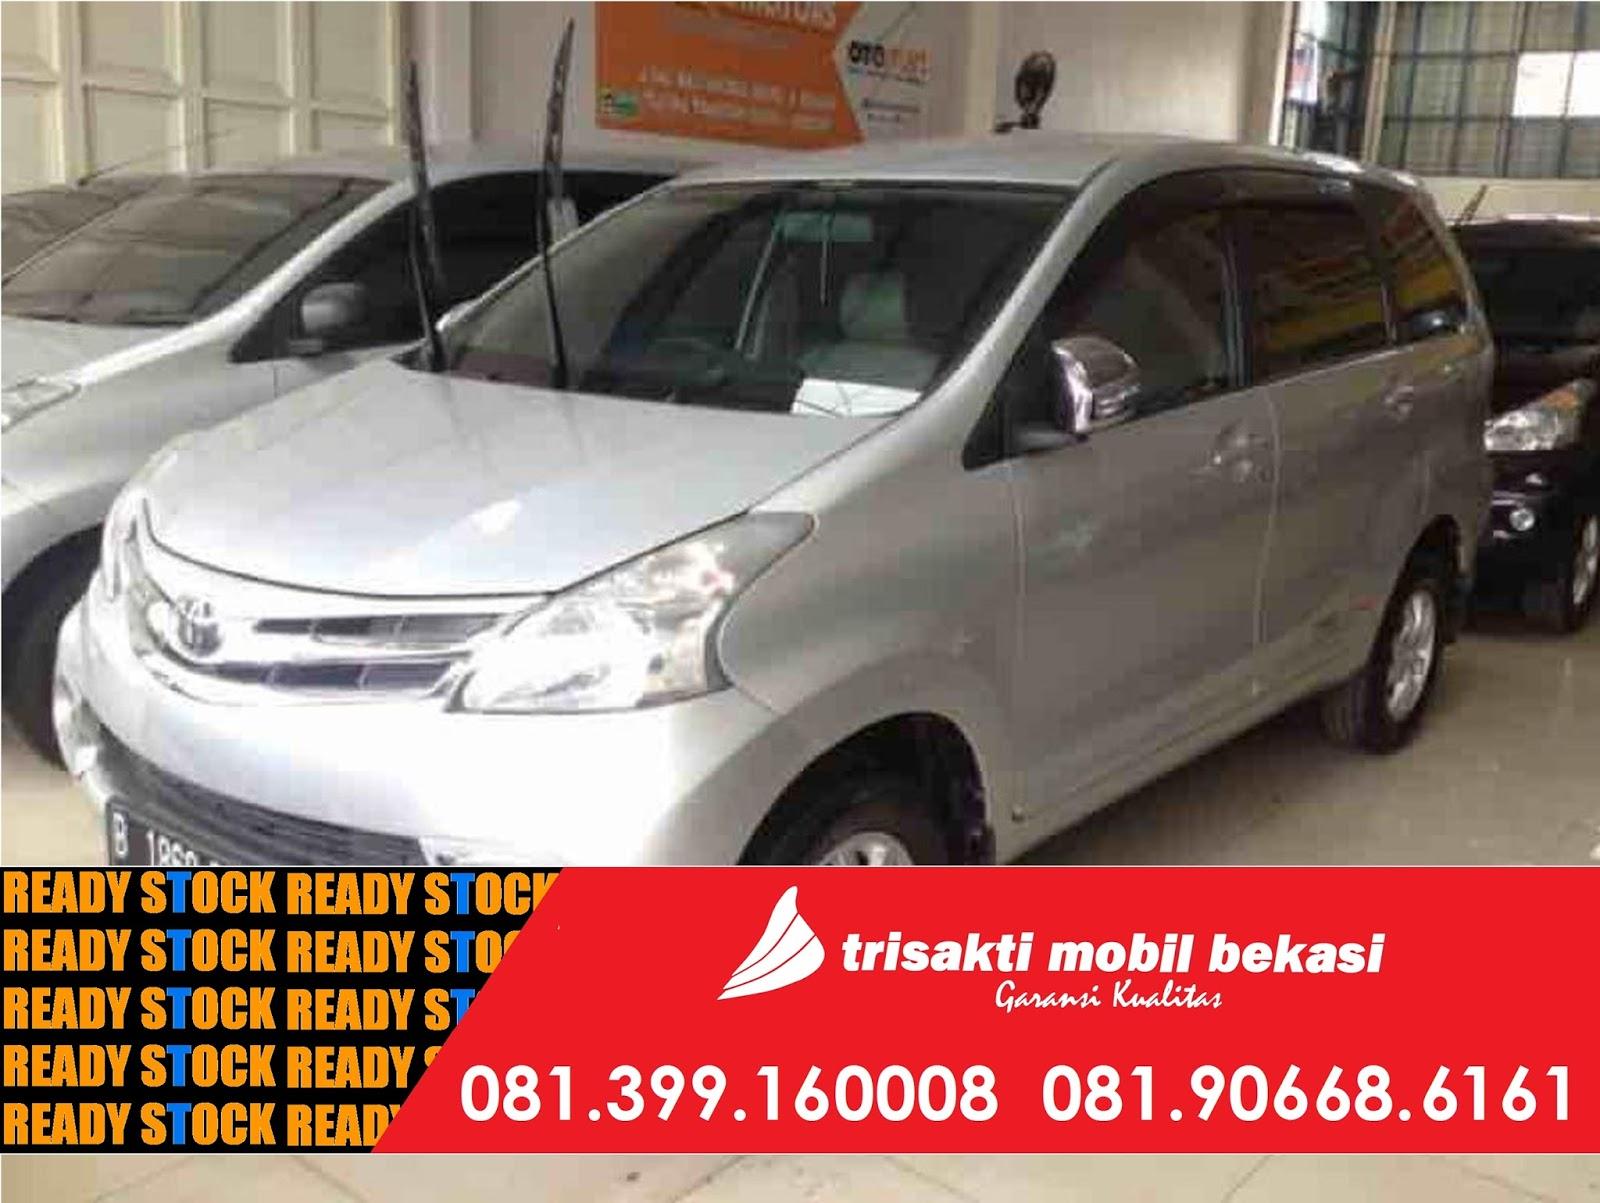 Kredit Mobil Bekas Toyota Agya Jawa Barat Jual Mobil Toyota Agya